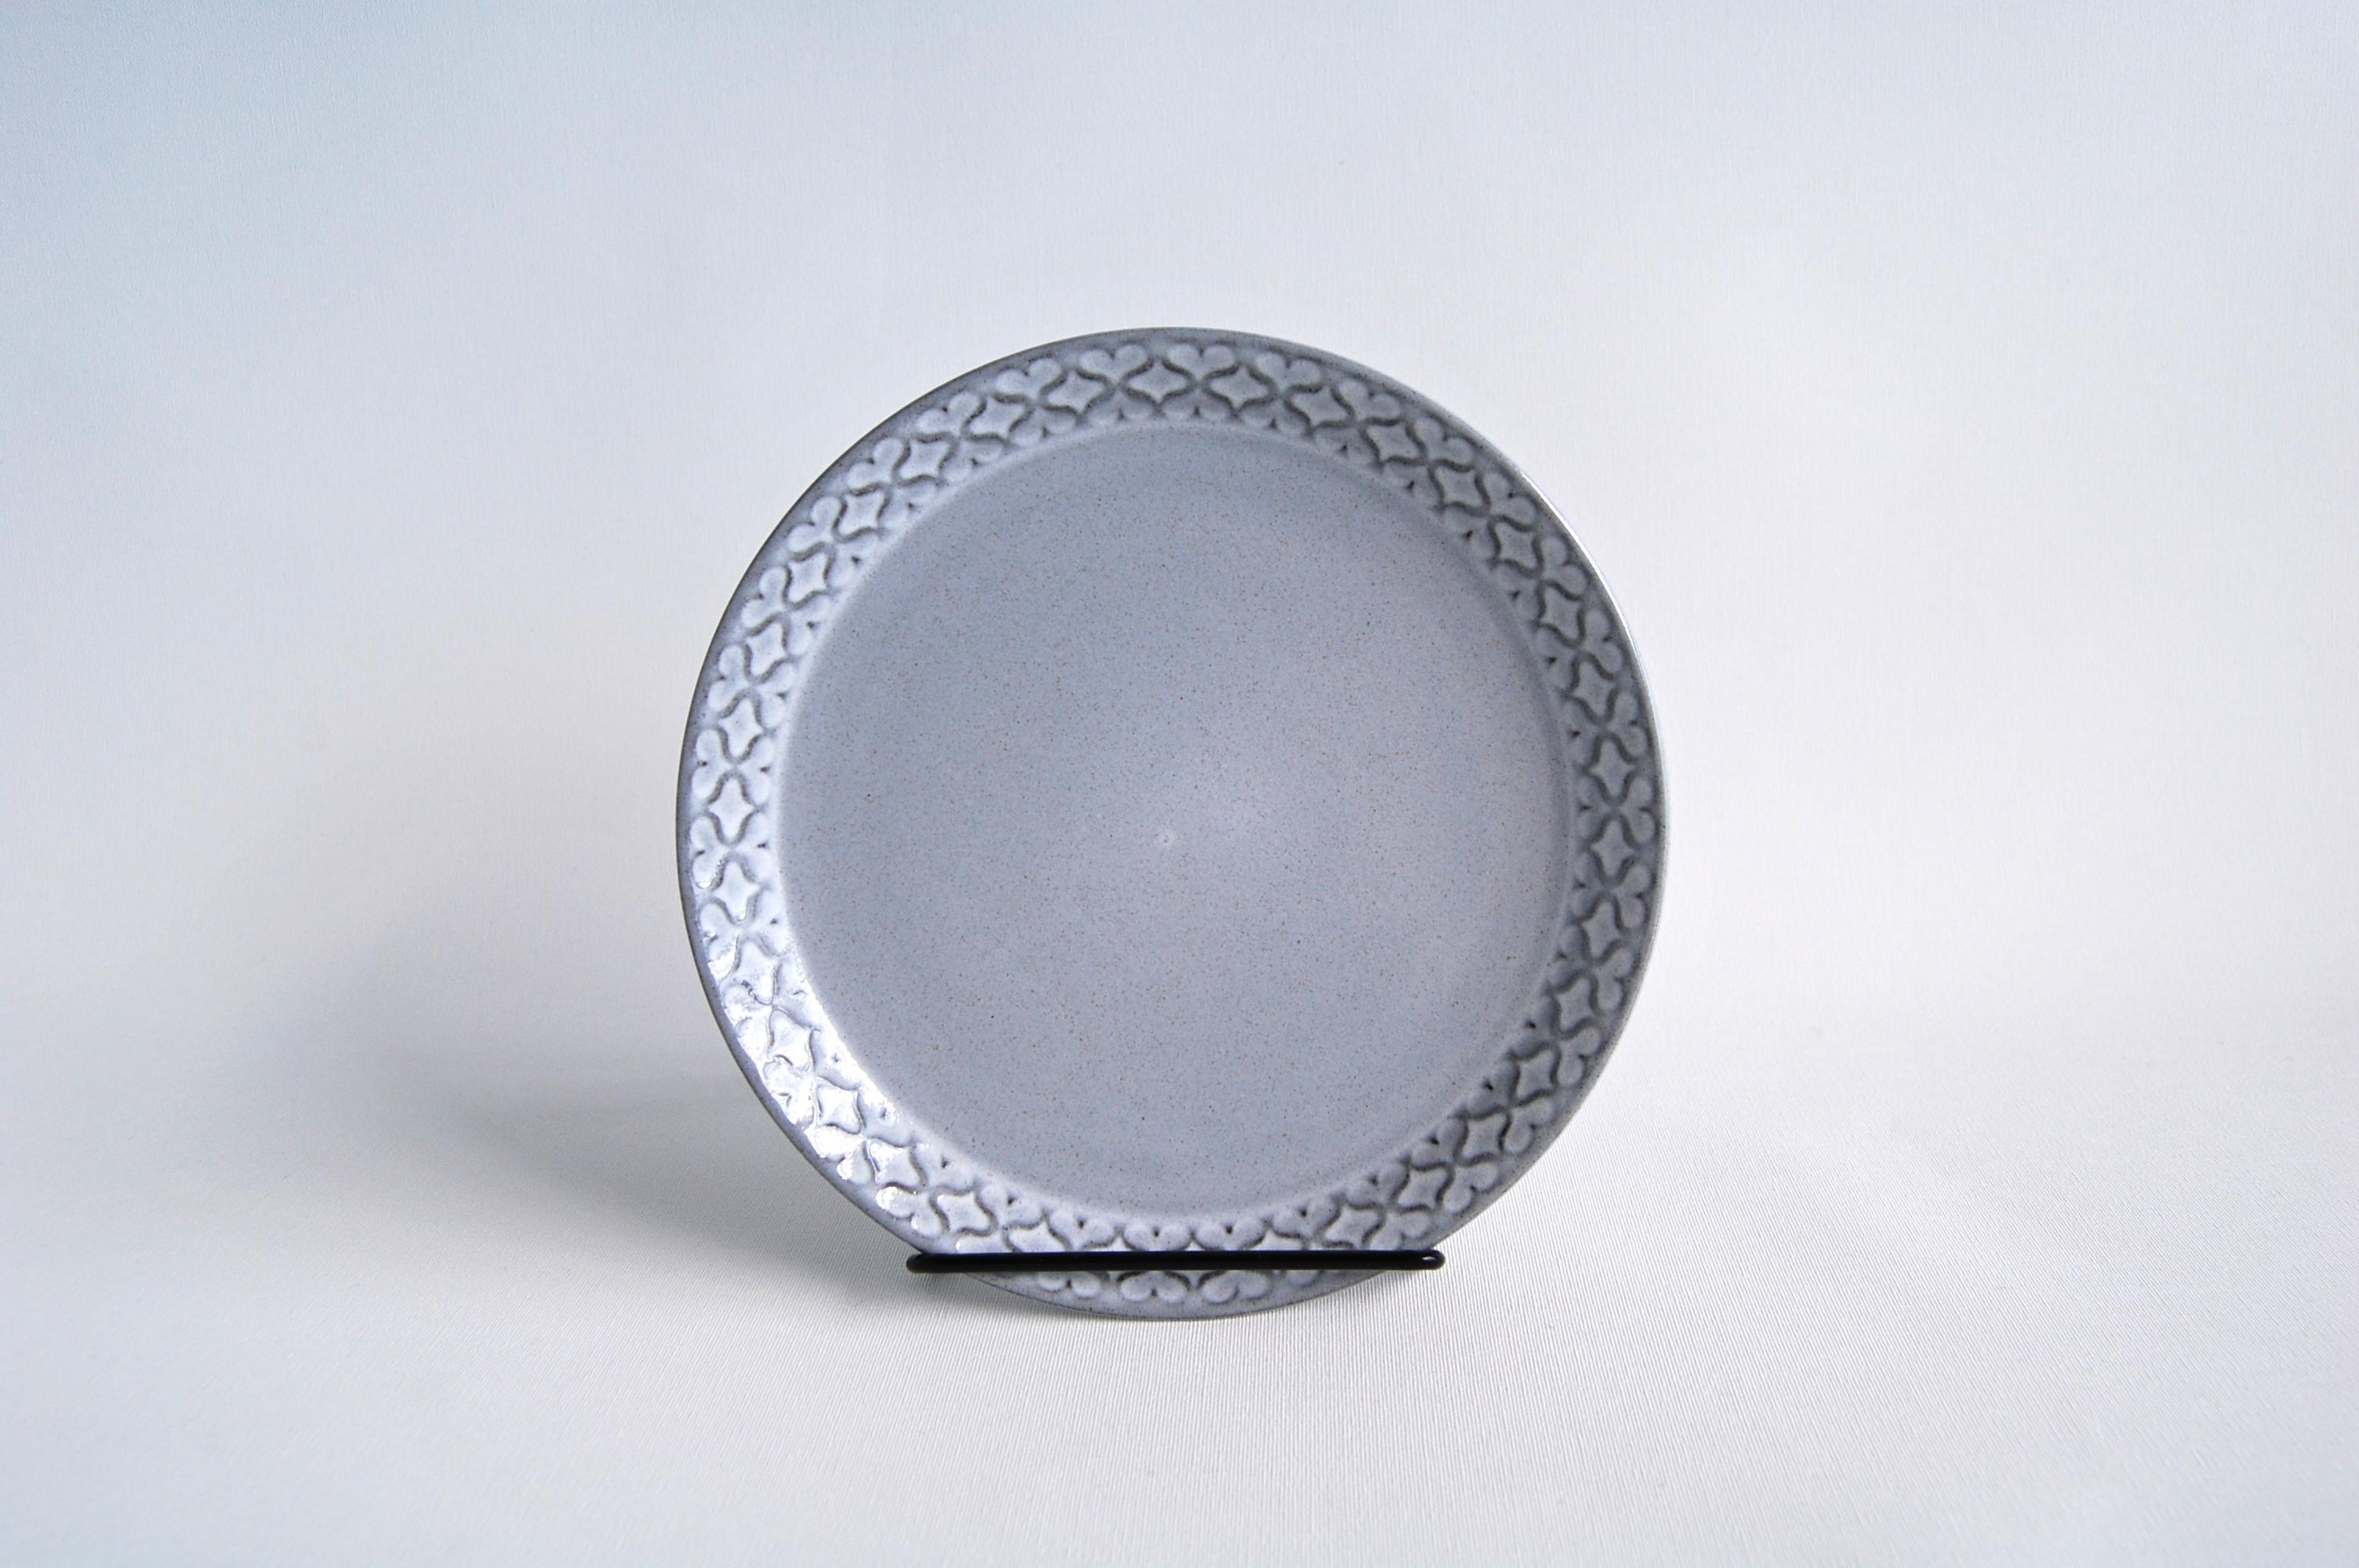 Jens.H.Quistgaard/イェンス・クイストゴー Cordial/コーディアル 16.5cmプレート 002